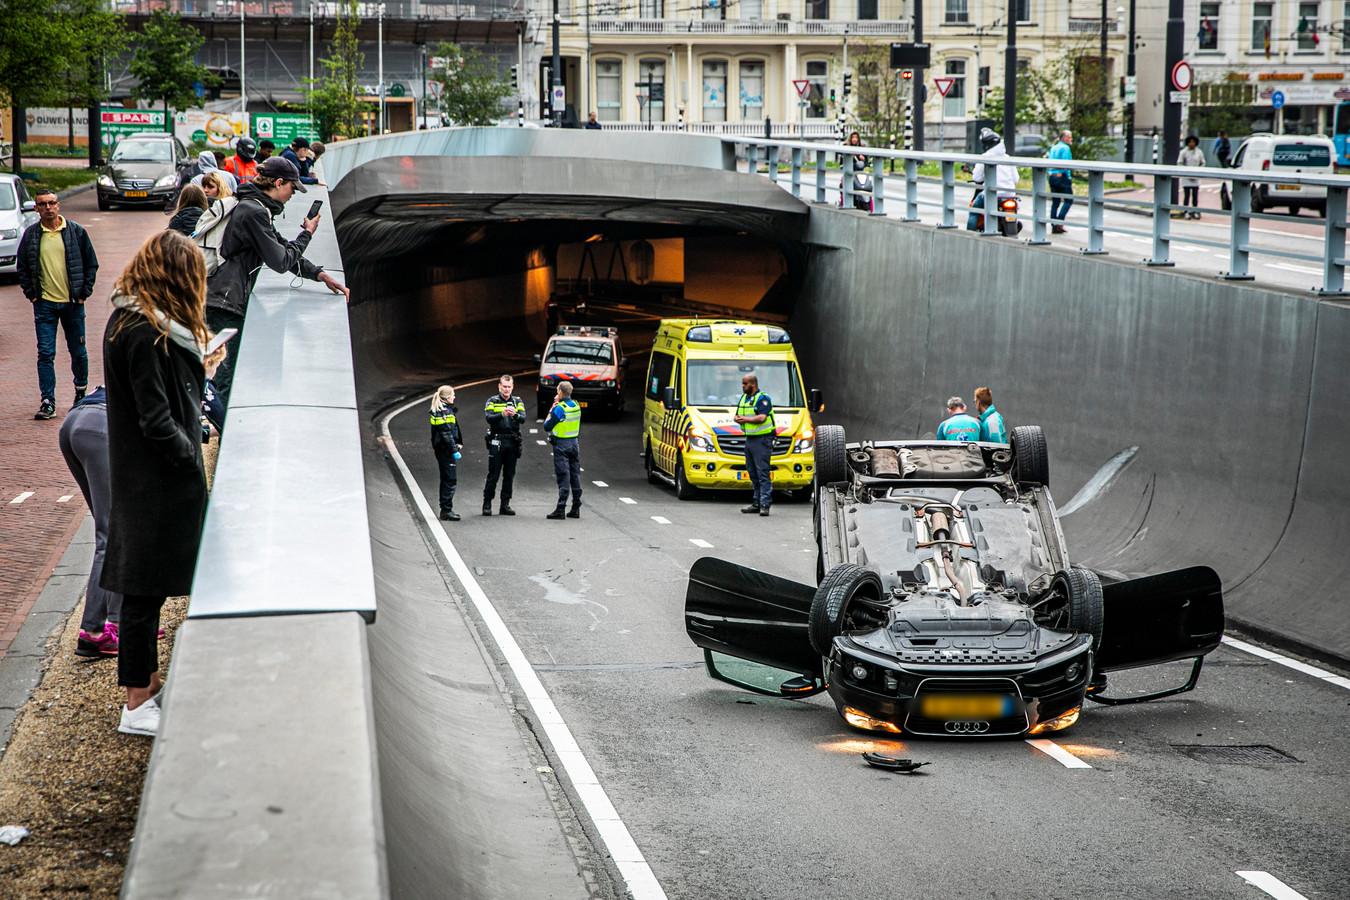 Weer een crash in de Willemstunnel in Arnhem. Een vrouw belandt met haar auto op de kop. Ze raakte niet gewond.